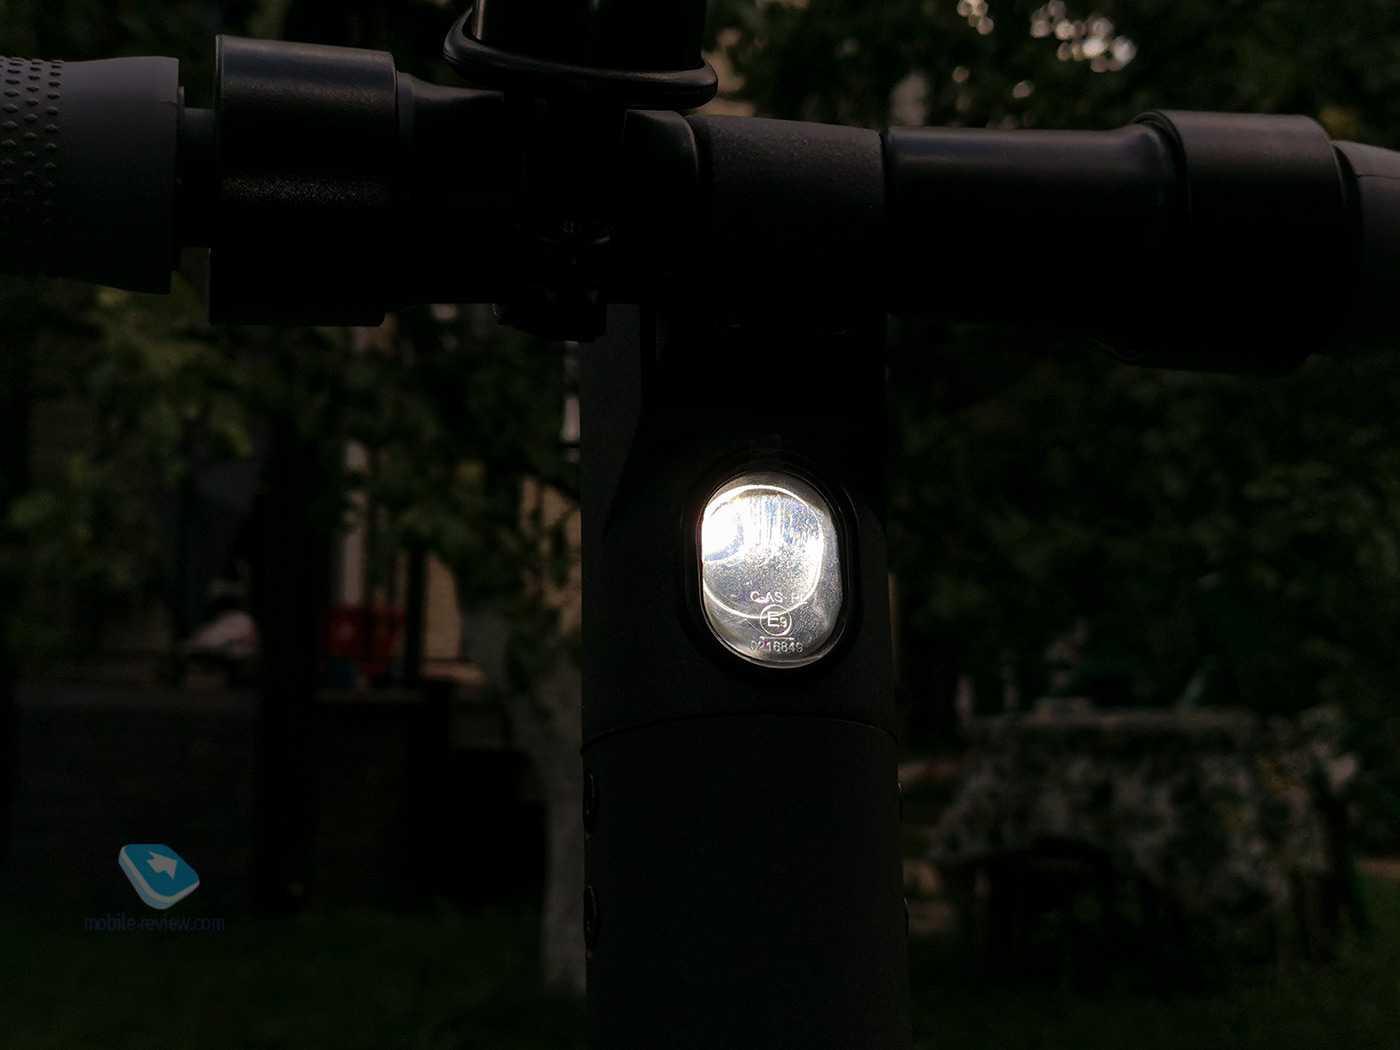 Обзор электросамоката segway ninebot kickscooter e22: молод душой / умные вещи